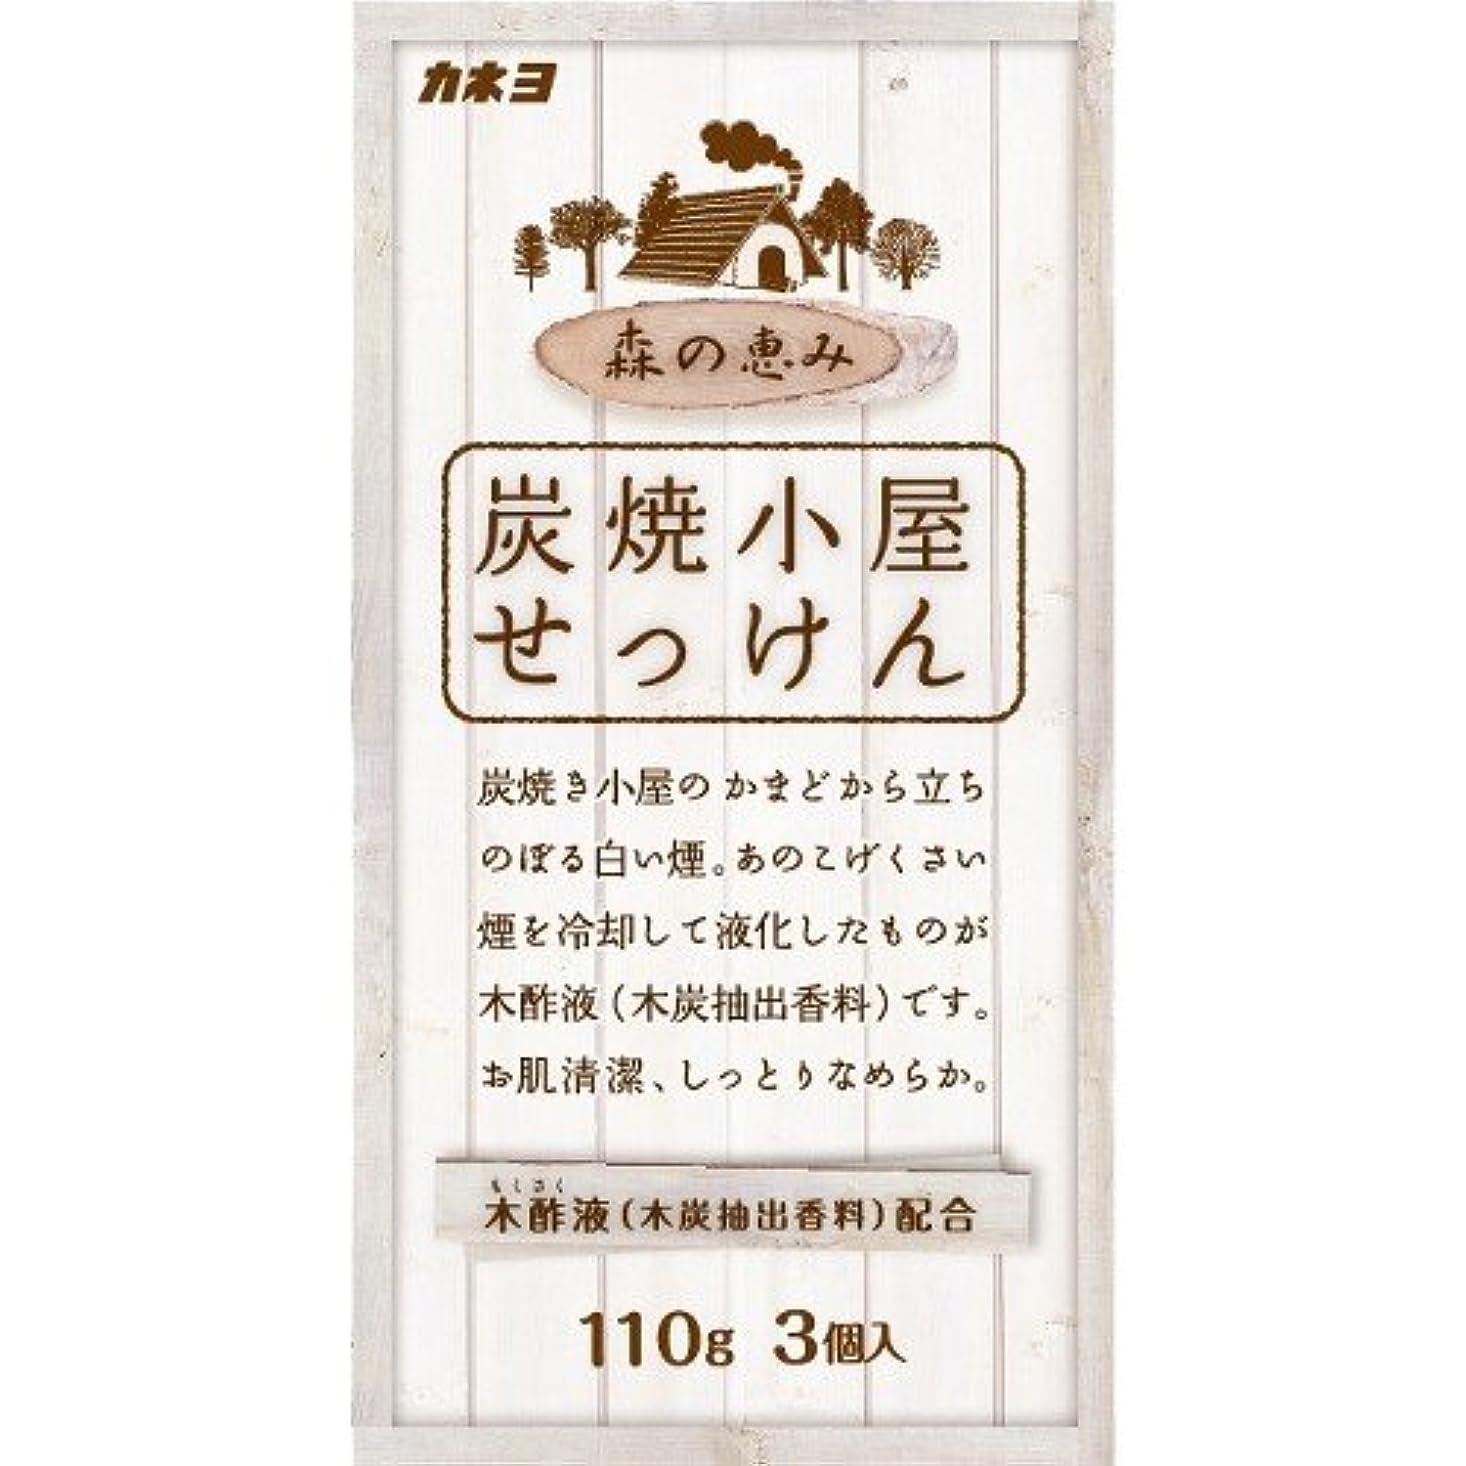 うめきたとえ有毒なカネヨ石鹸 炭焼小屋 化粧石けん 110g×3個入